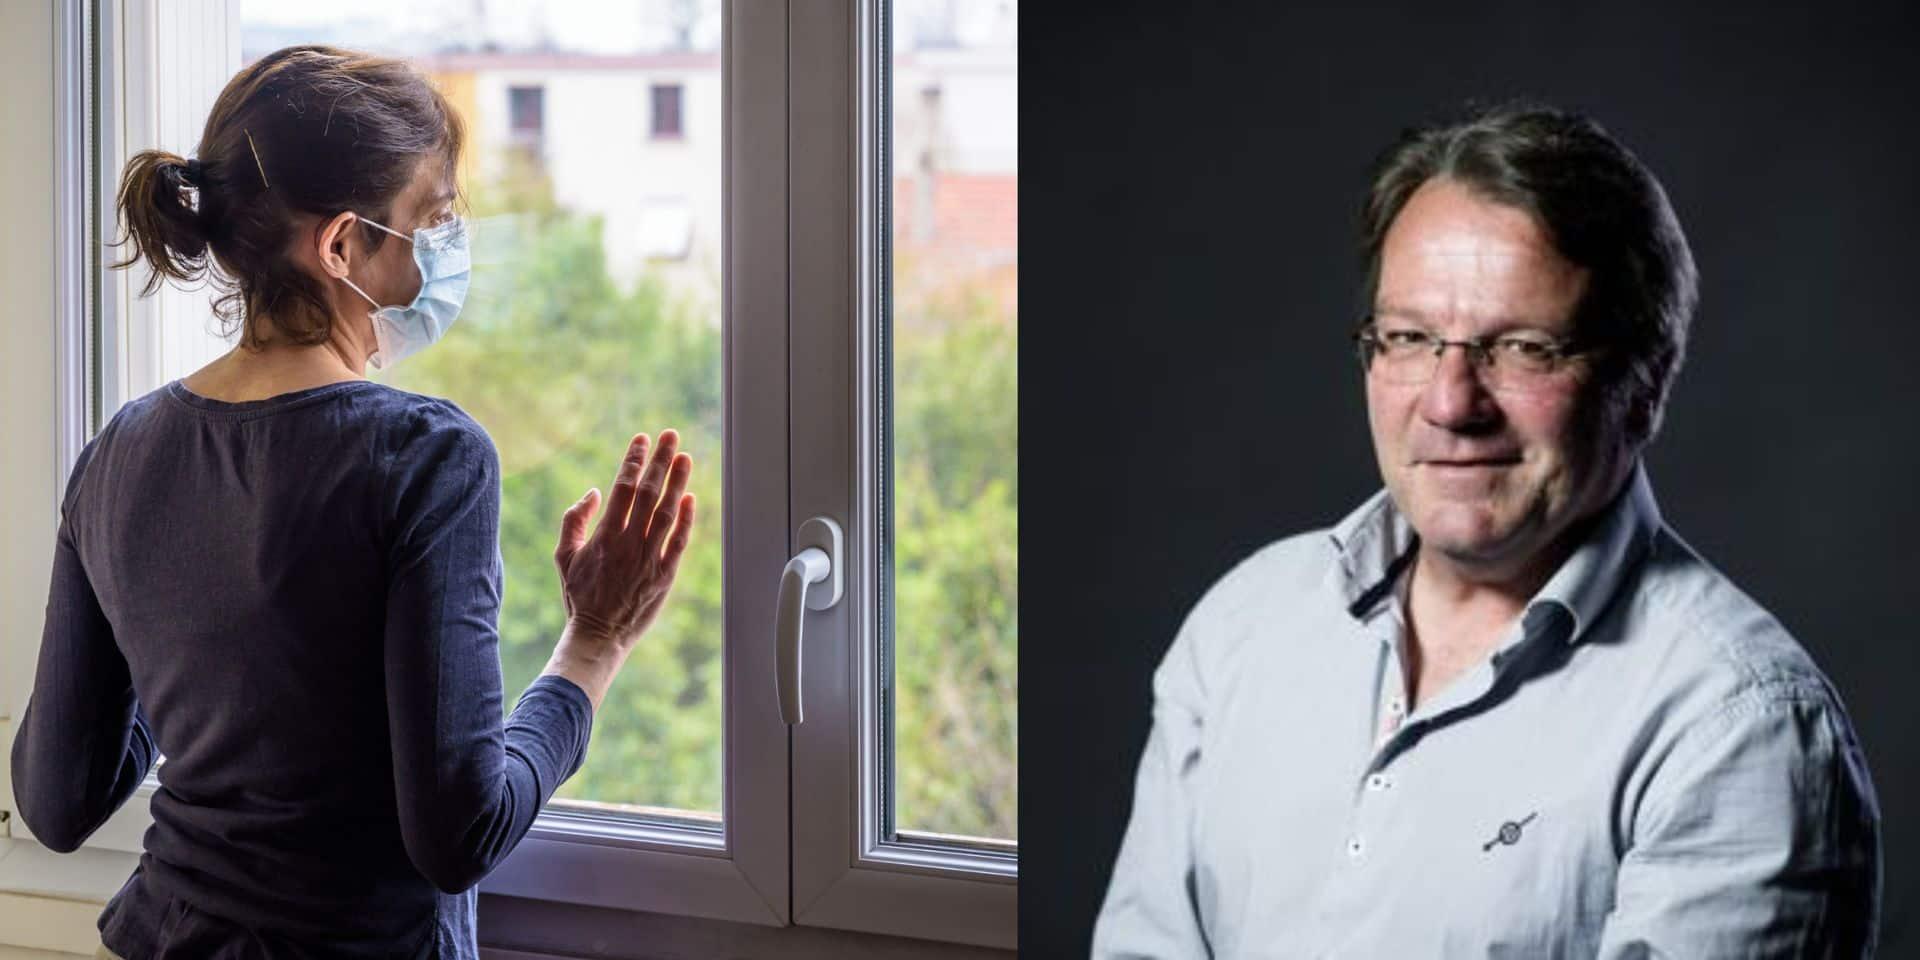 Déconfinement: les Belges face à leurs peurs